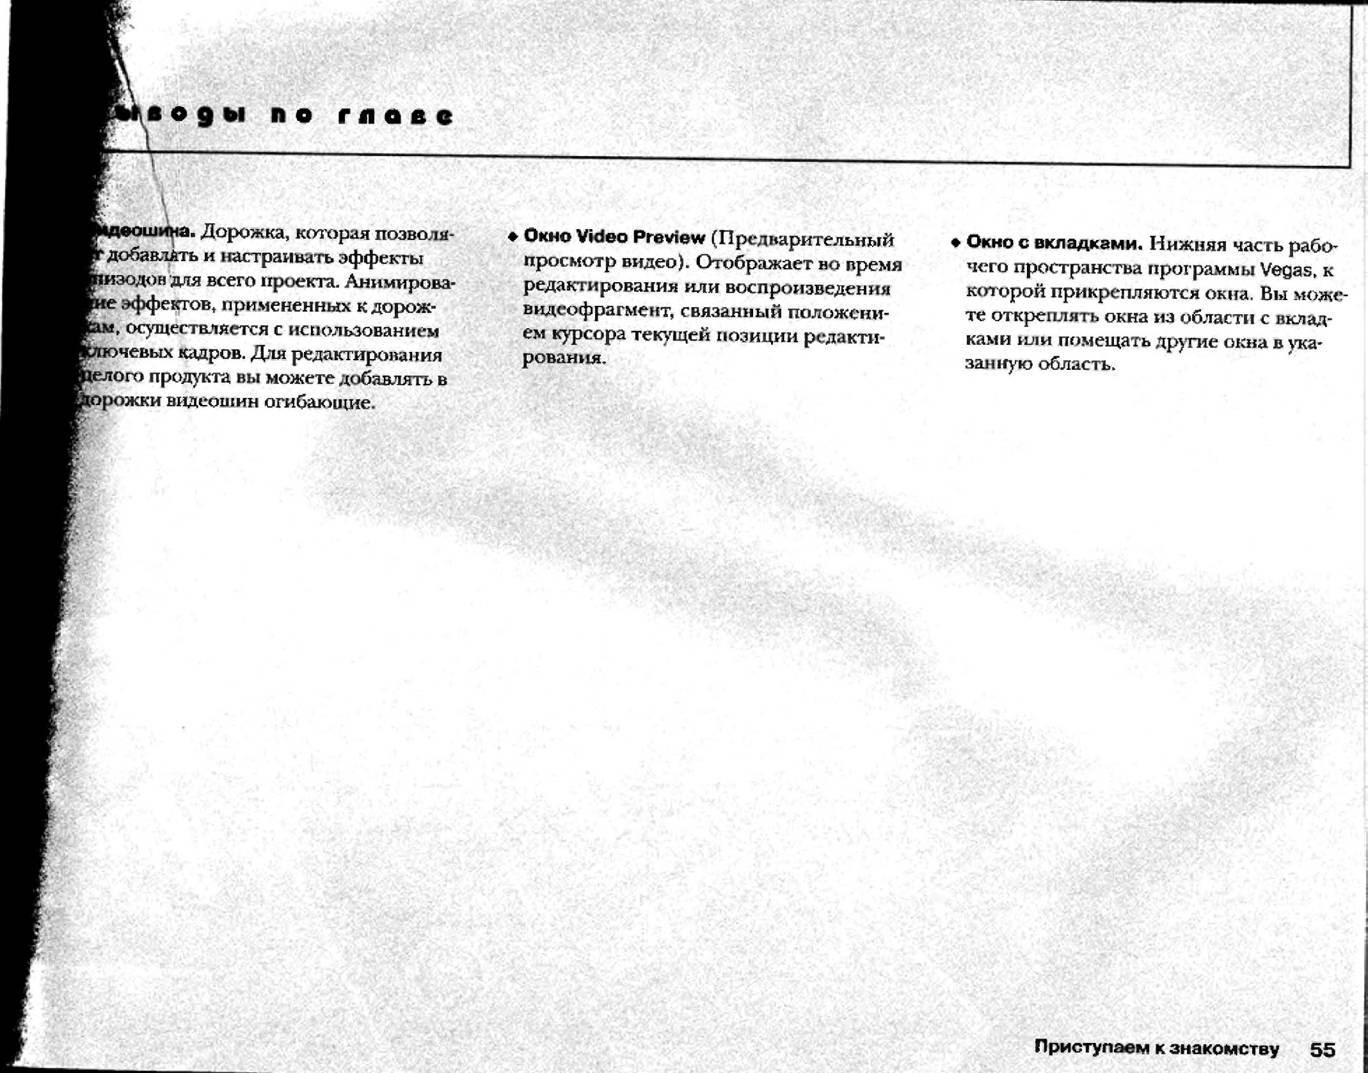 http://redaktori-uroki.3dn.ru/_ph/12/135066119.jpg